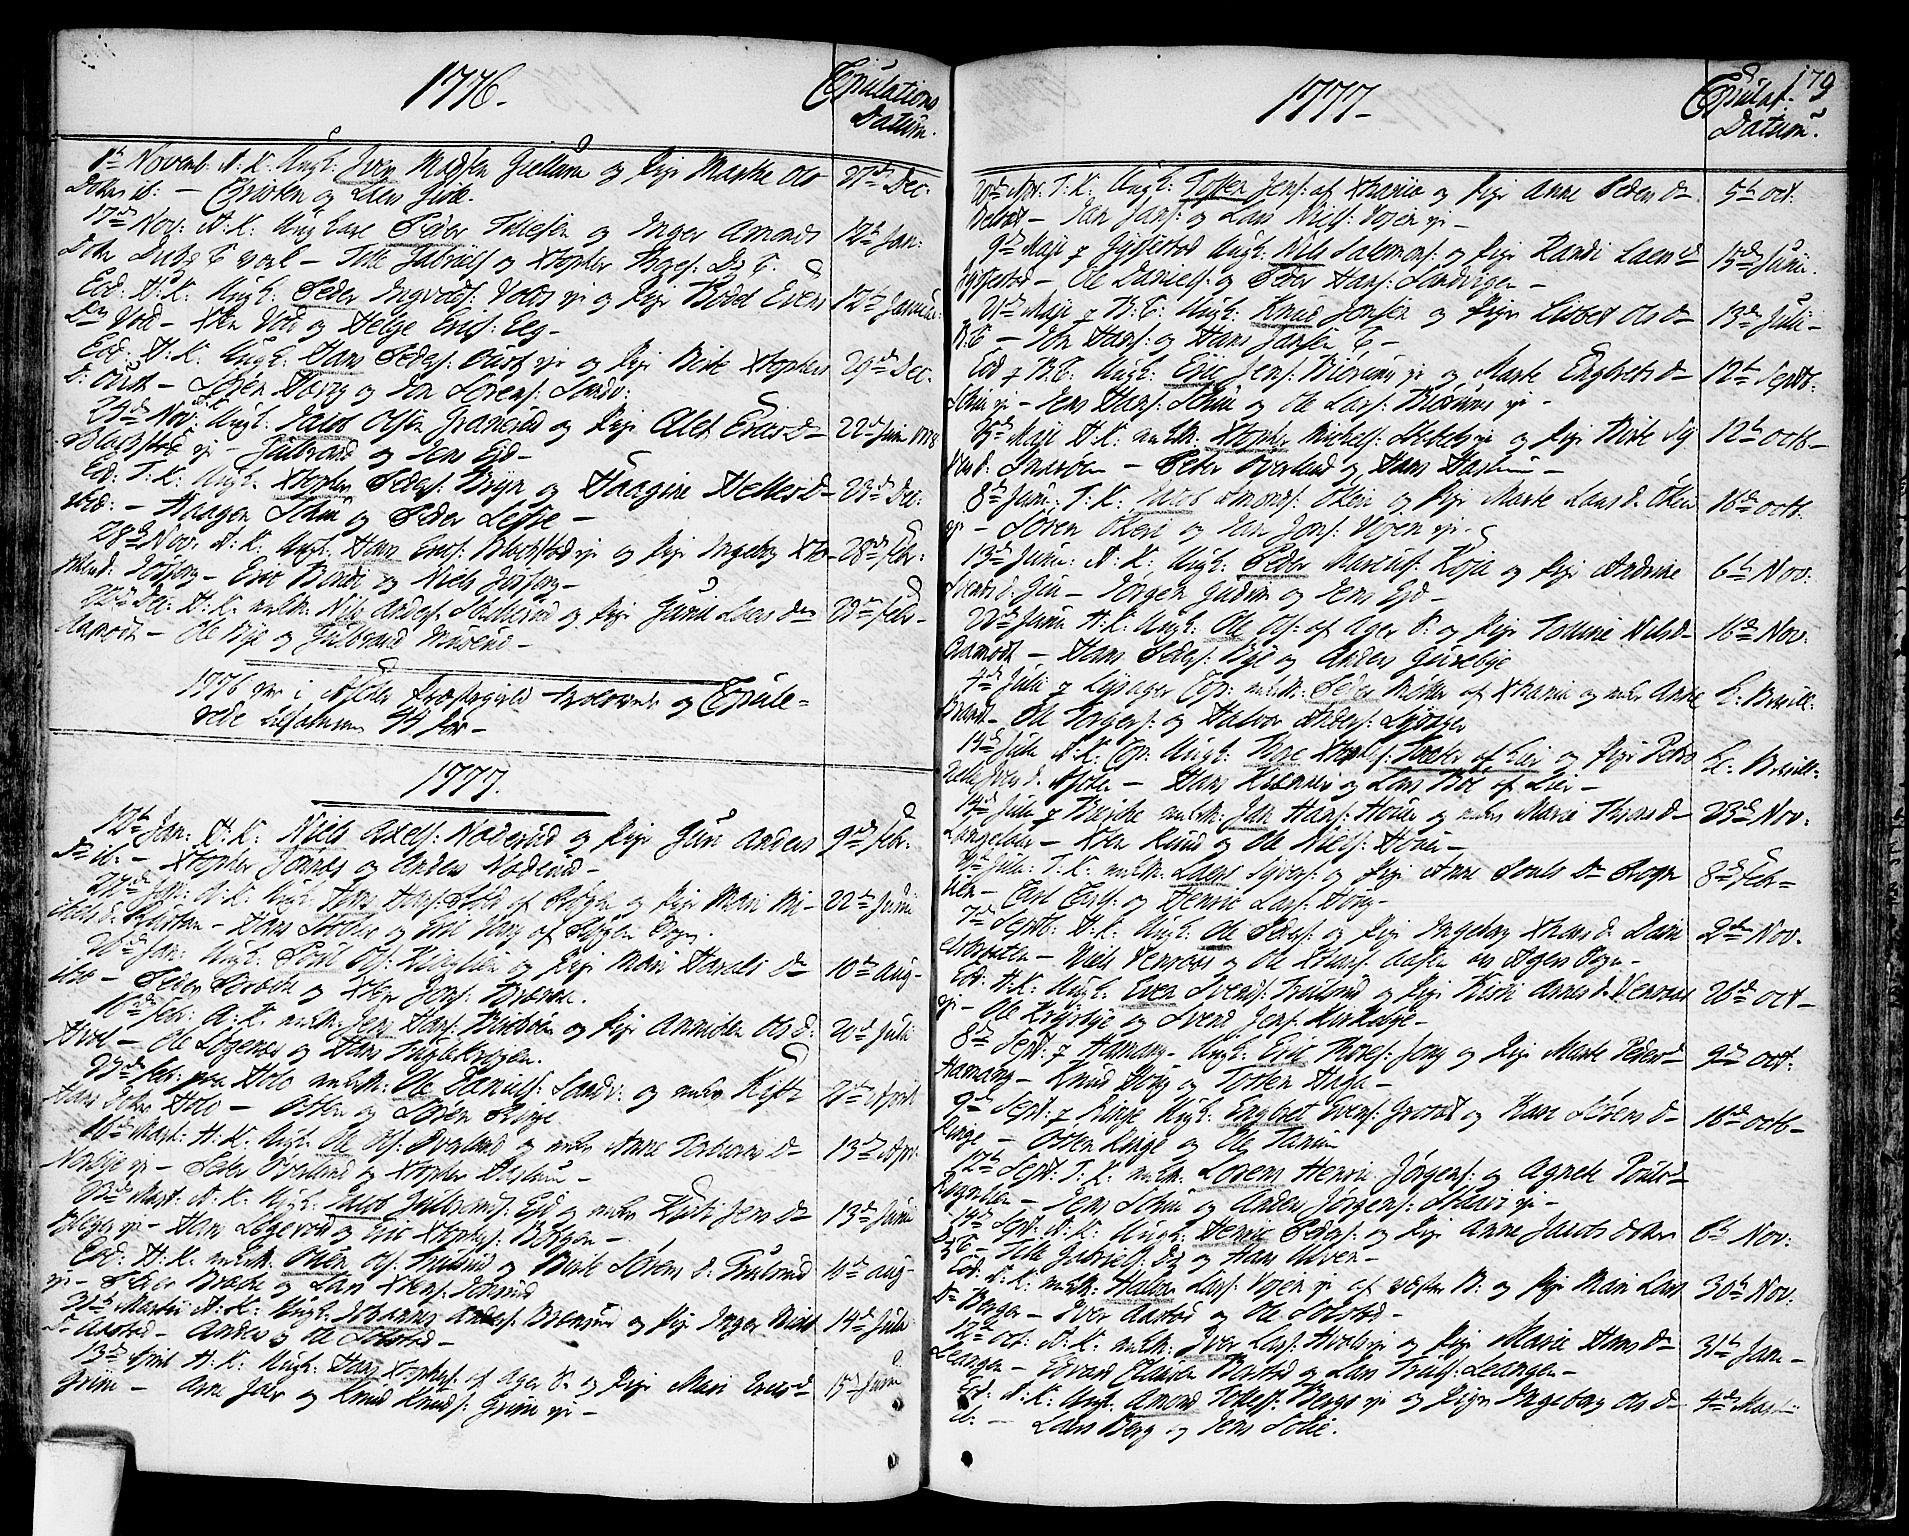 SAO, Asker prestekontor Kirkebøker, F/Fa/L0003: Ministerialbok nr. I 3, 1767-1807, s. 179